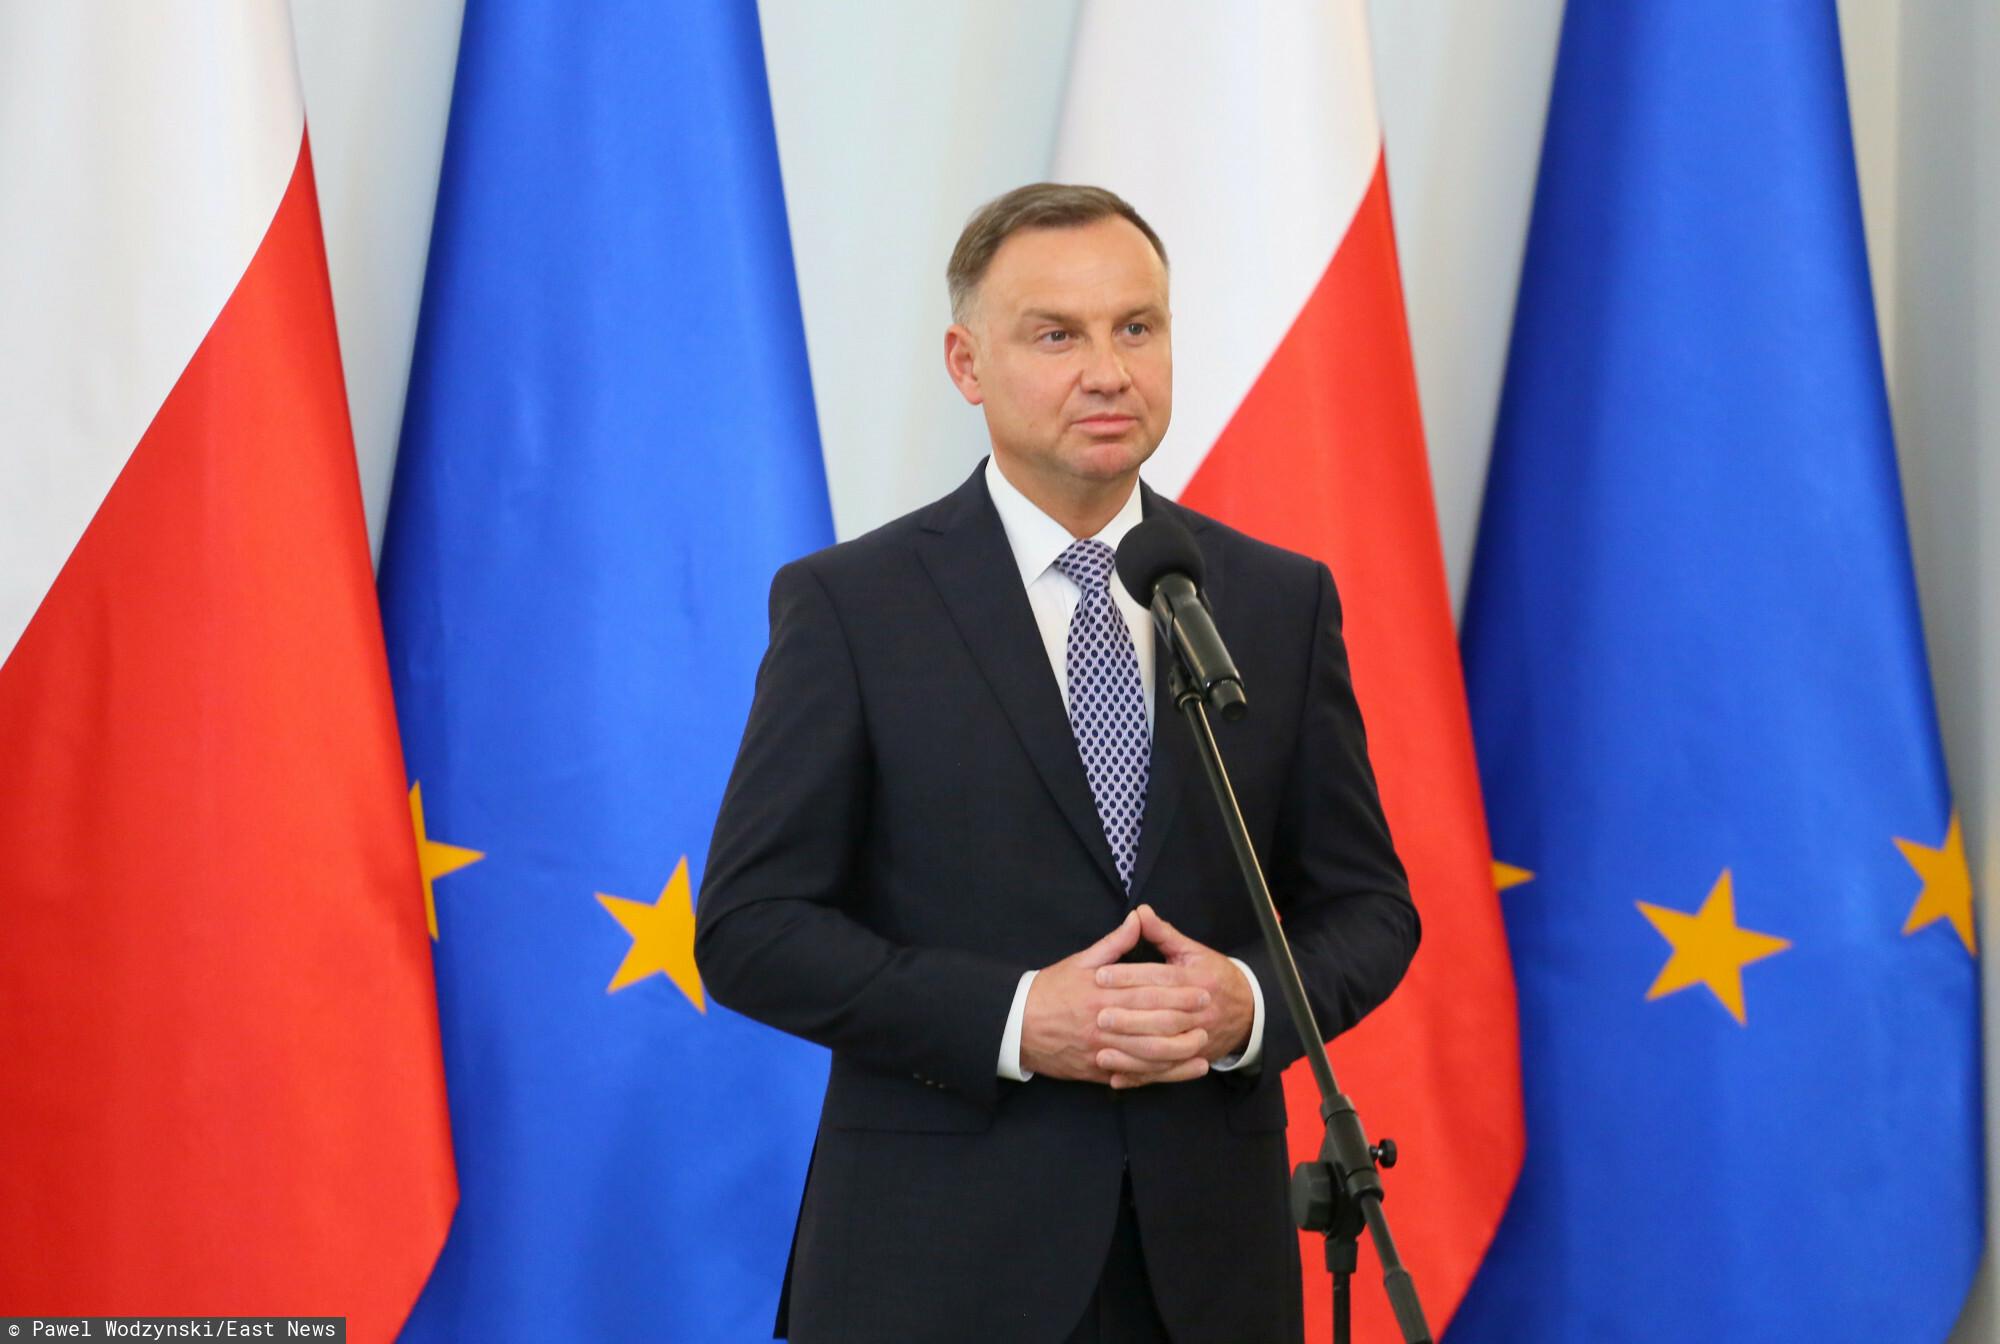 Prezydent Andrzej Duda wydłuży bon turystyczny?